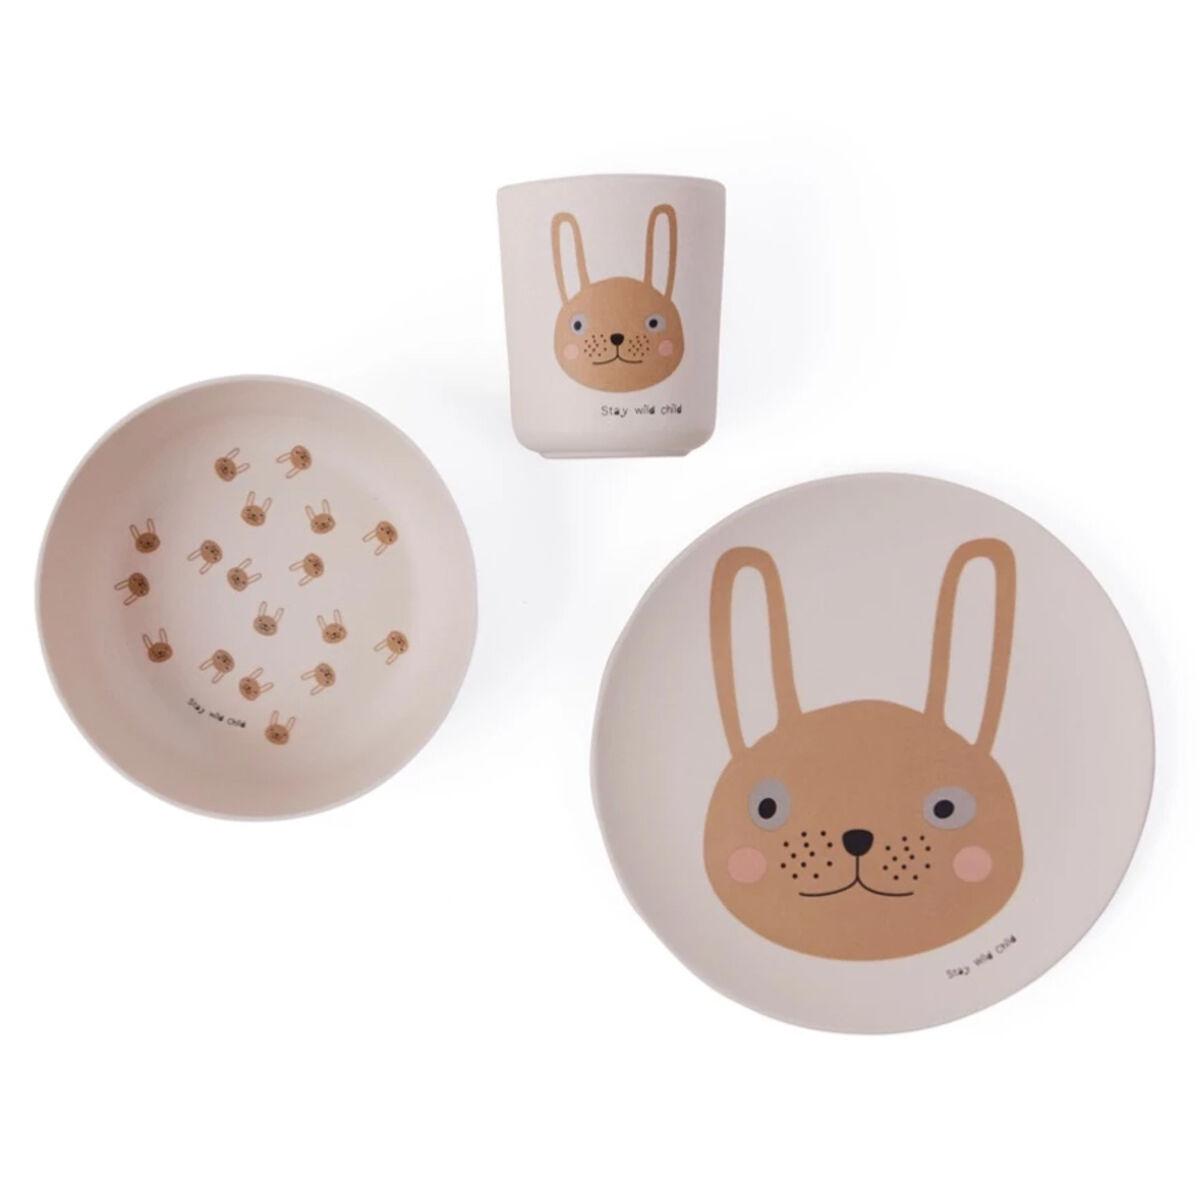 oyoy coffret repas 3 pièces - rabbit